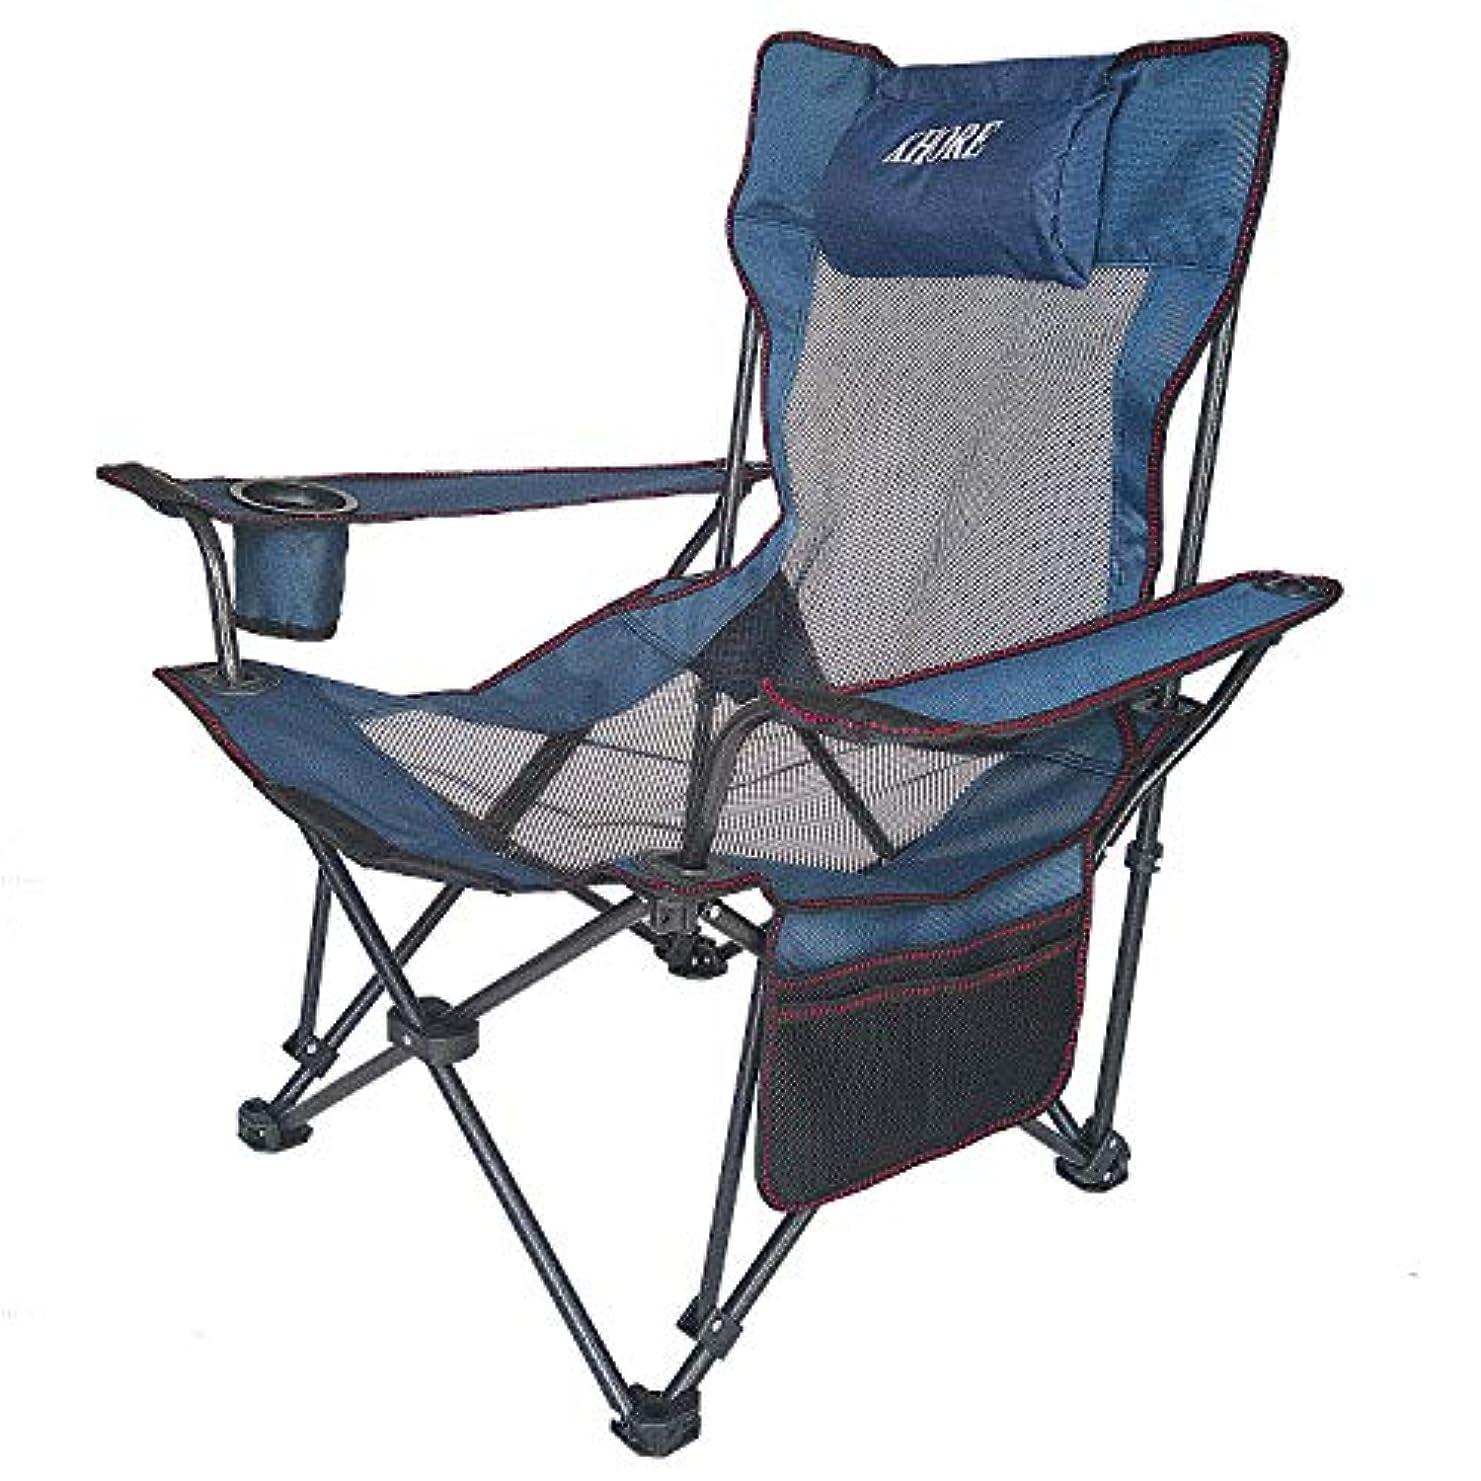 むちゃくちゃオフェンス心からKHOREアウトドア チェア キャンプ 椅子 折りたたみ ポータブルデッキチェア